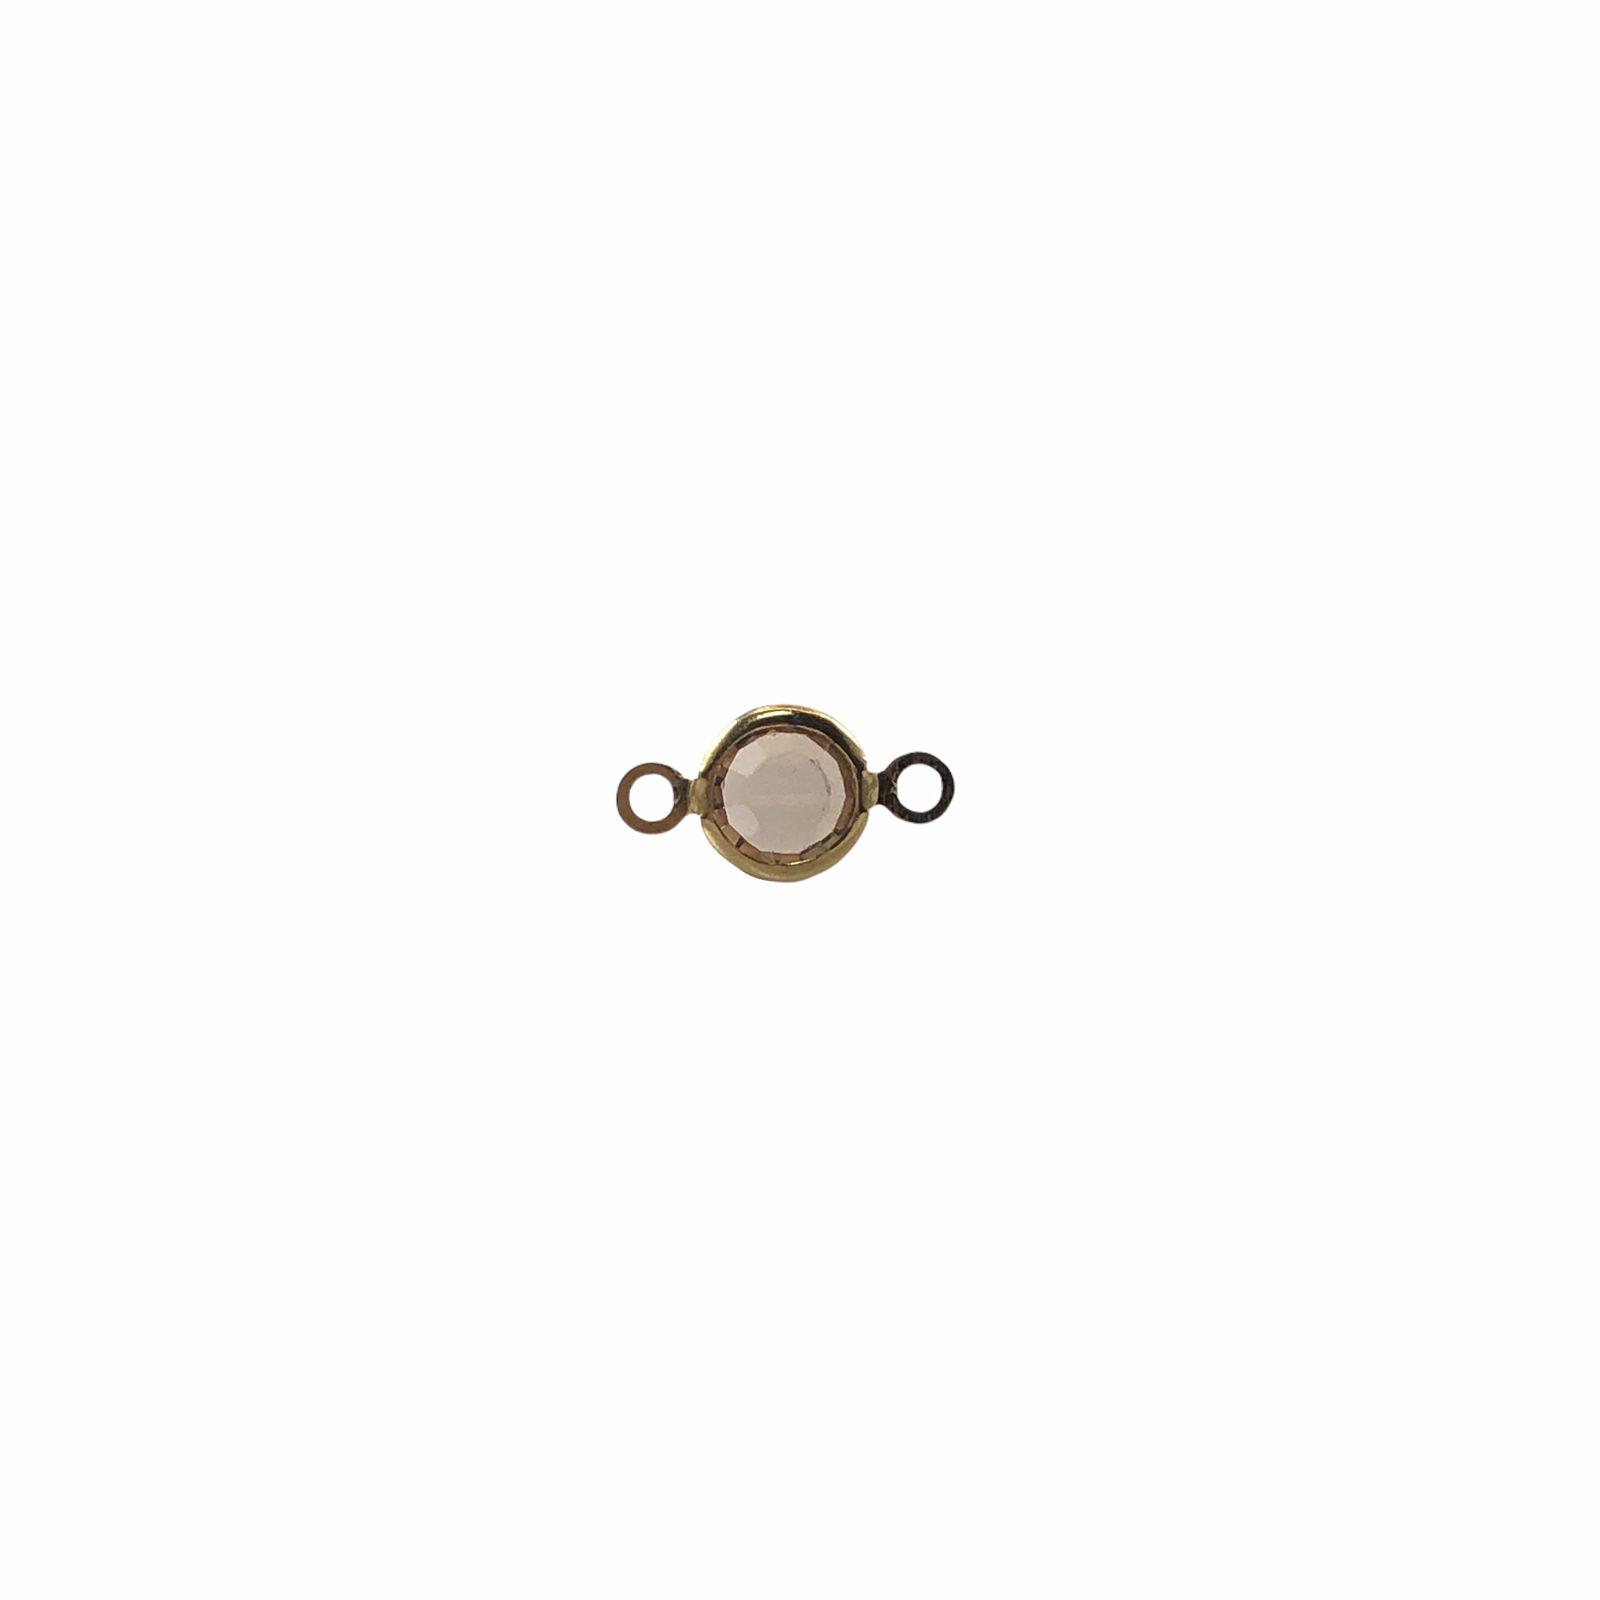 ETM601 - Entremeio De Vidro Gold 6mm Banhado Cor Dourado - 4Unids